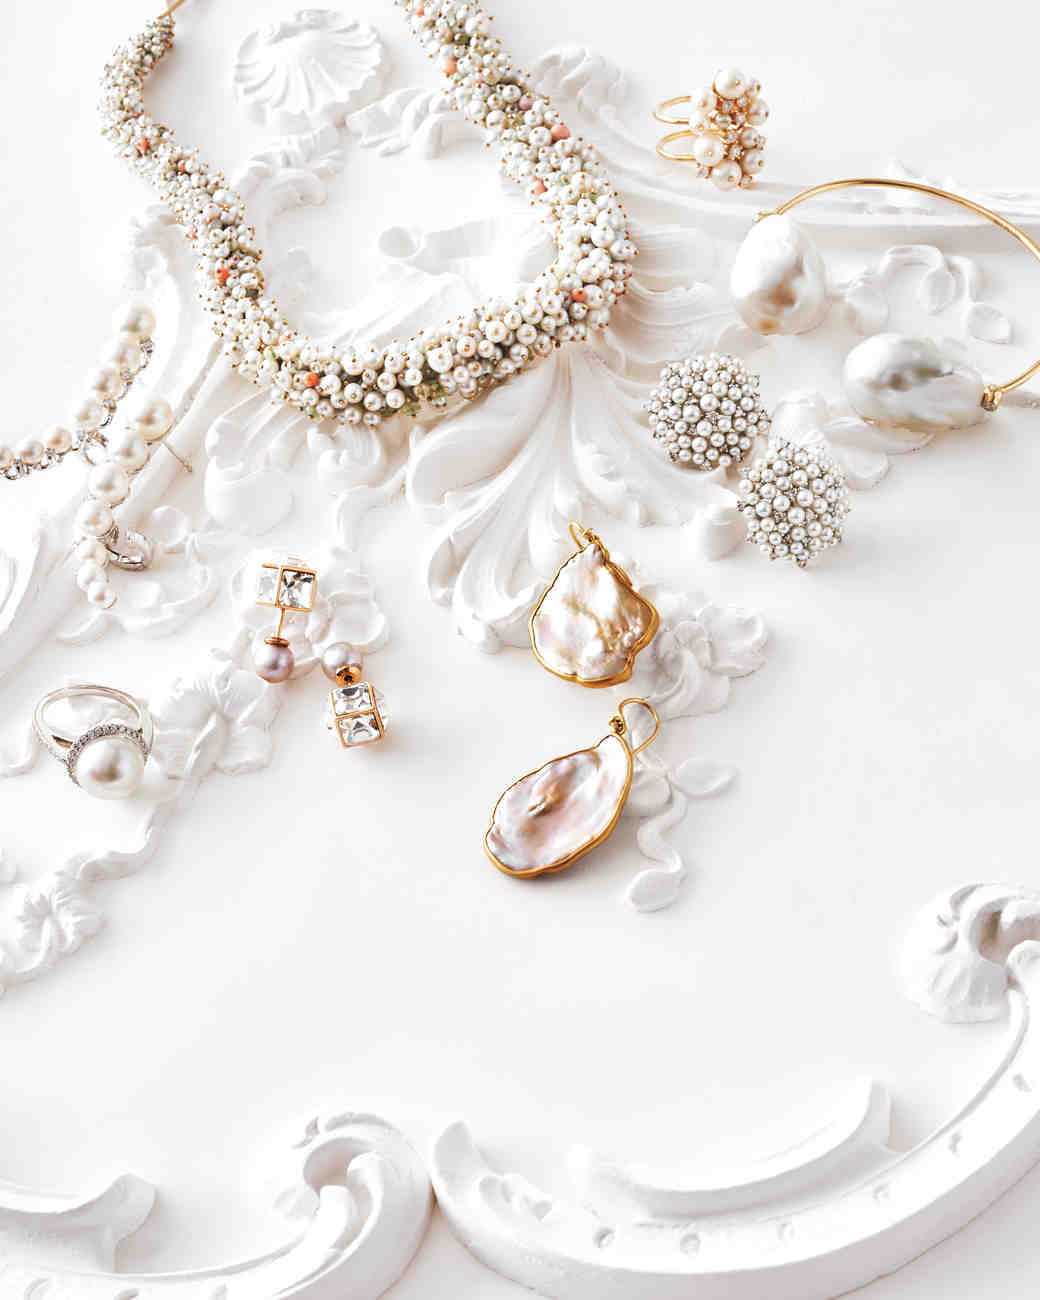 jewelry-02-d112492.jpg